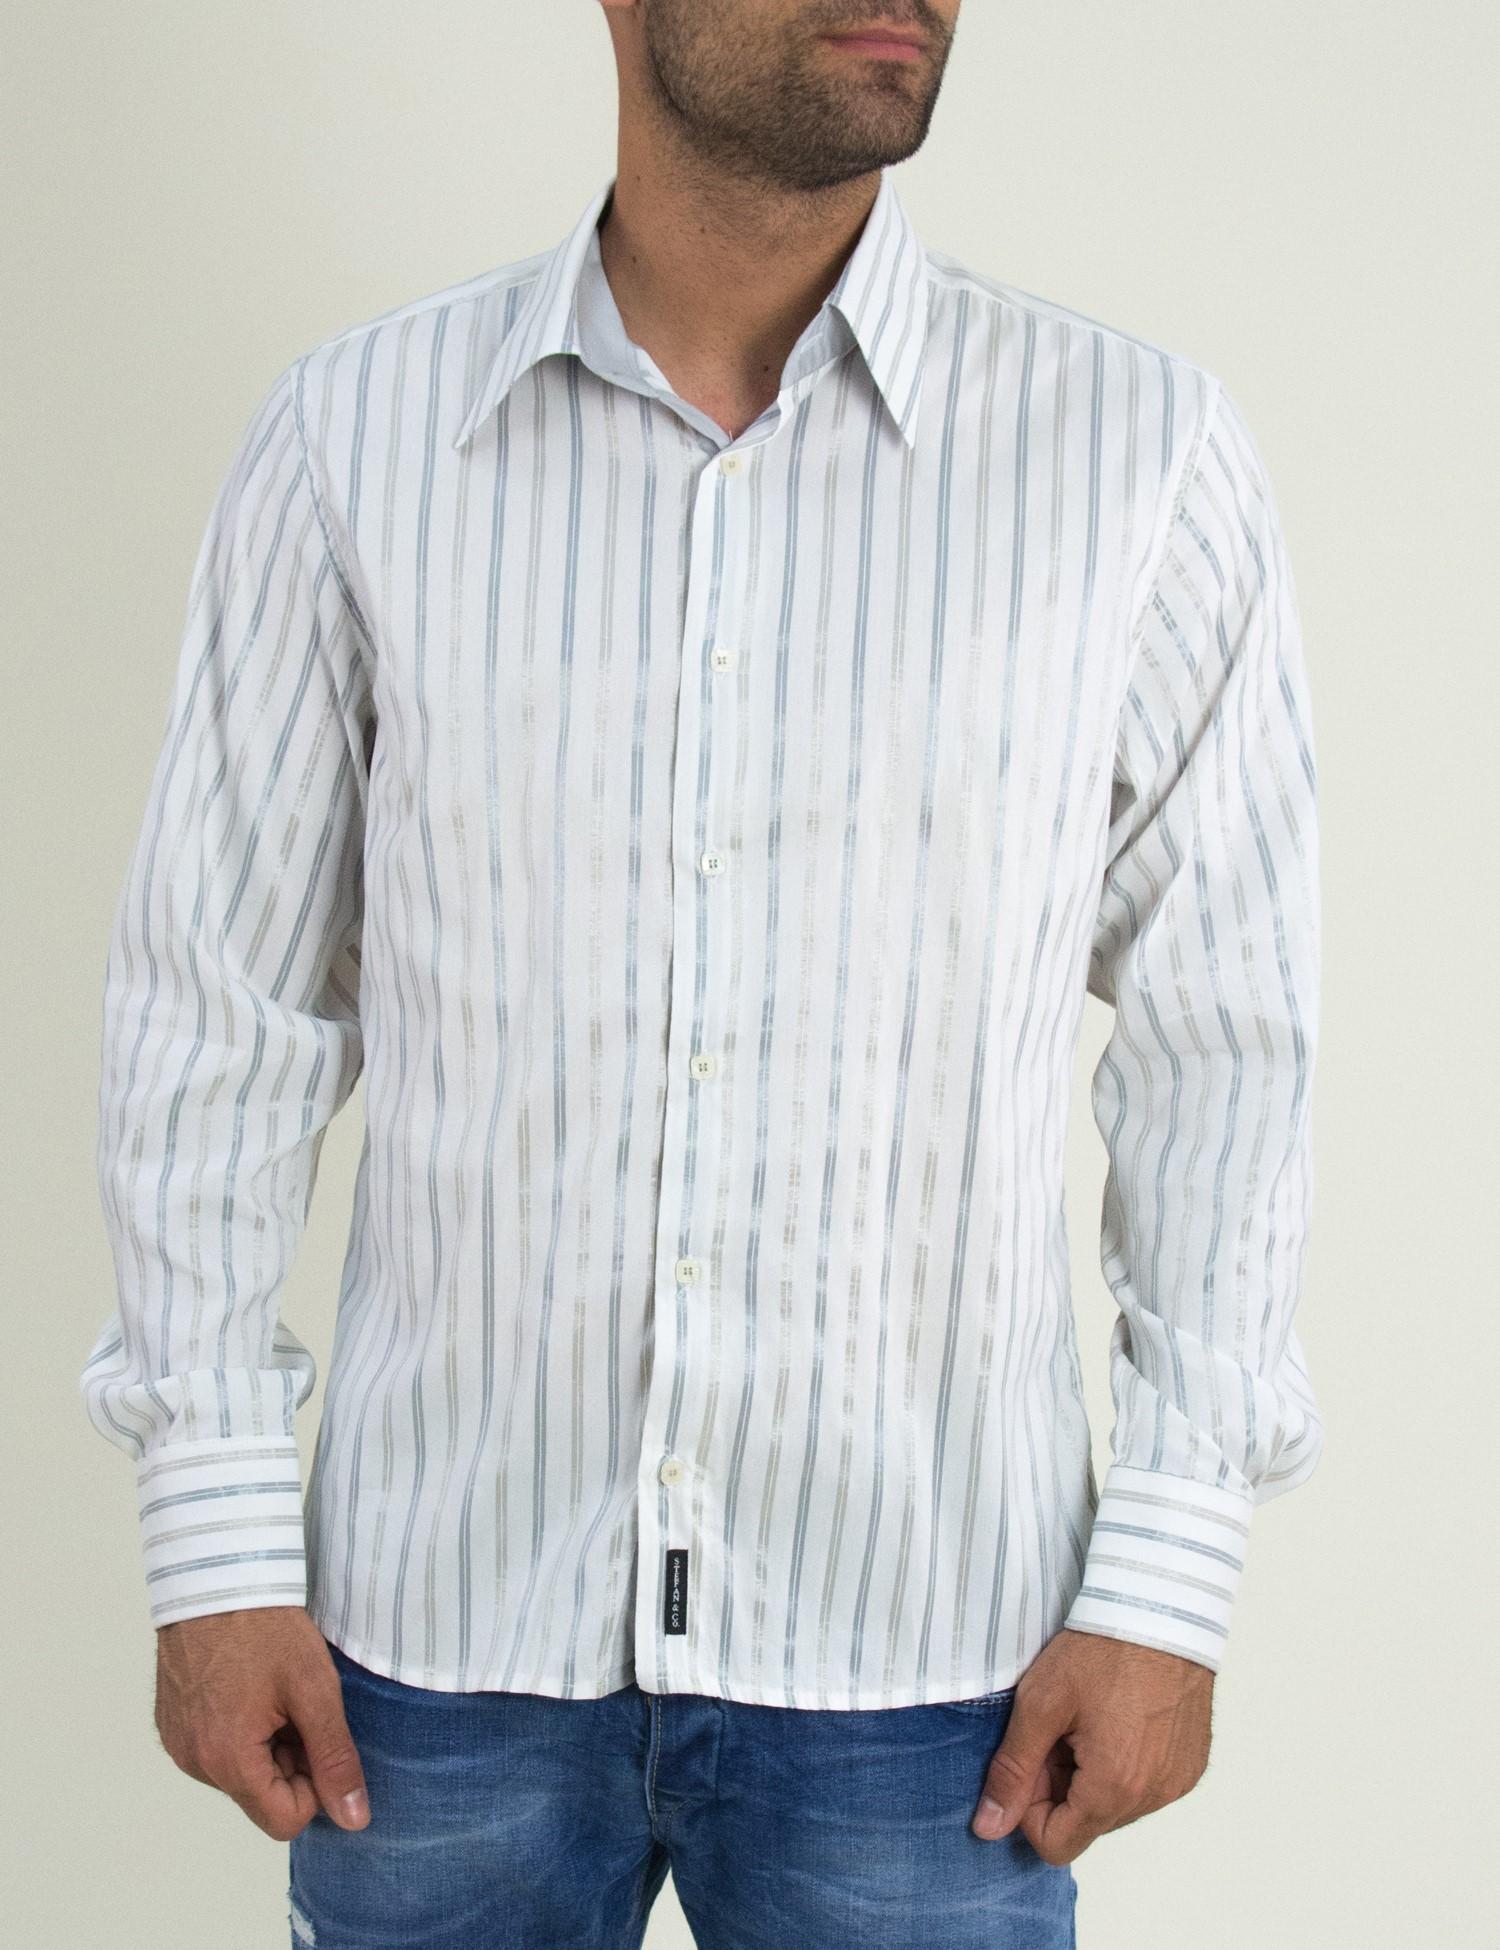 Ανδρικό ελαστικό πουκάμισο λευκό με γκρι 081070 bf033d7db84